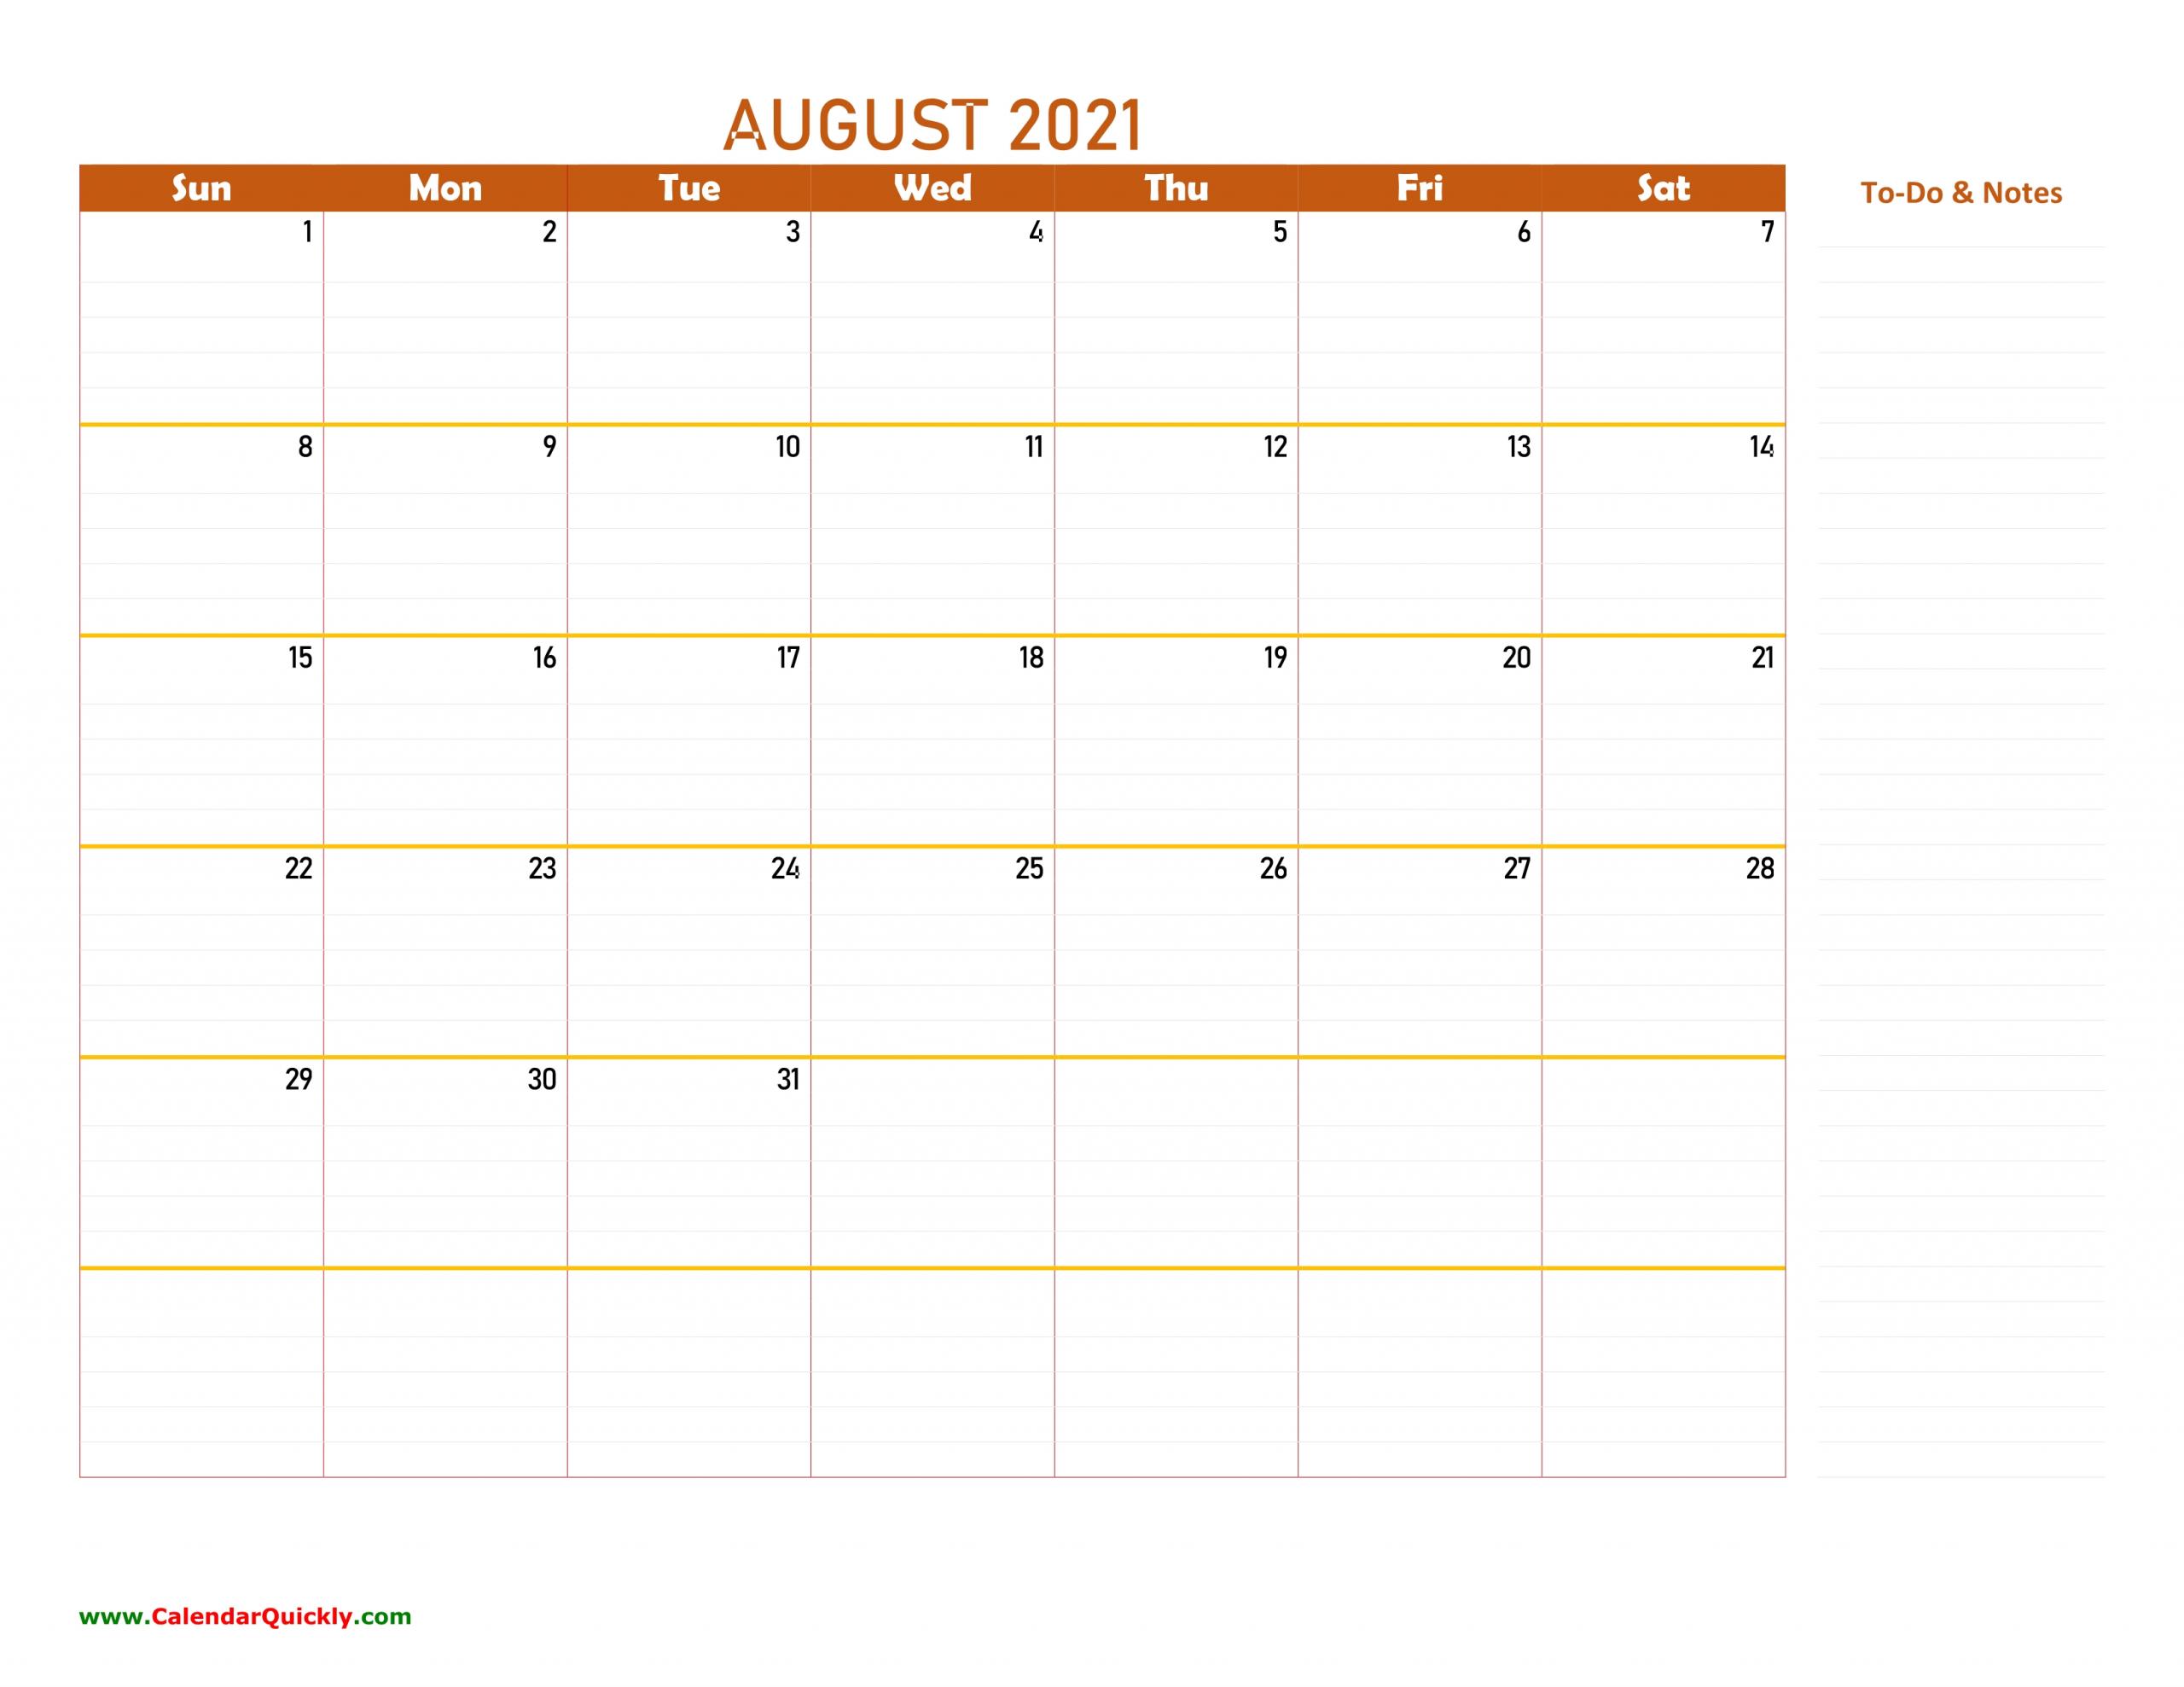 August 2021 Calendar | Calendar Quickly